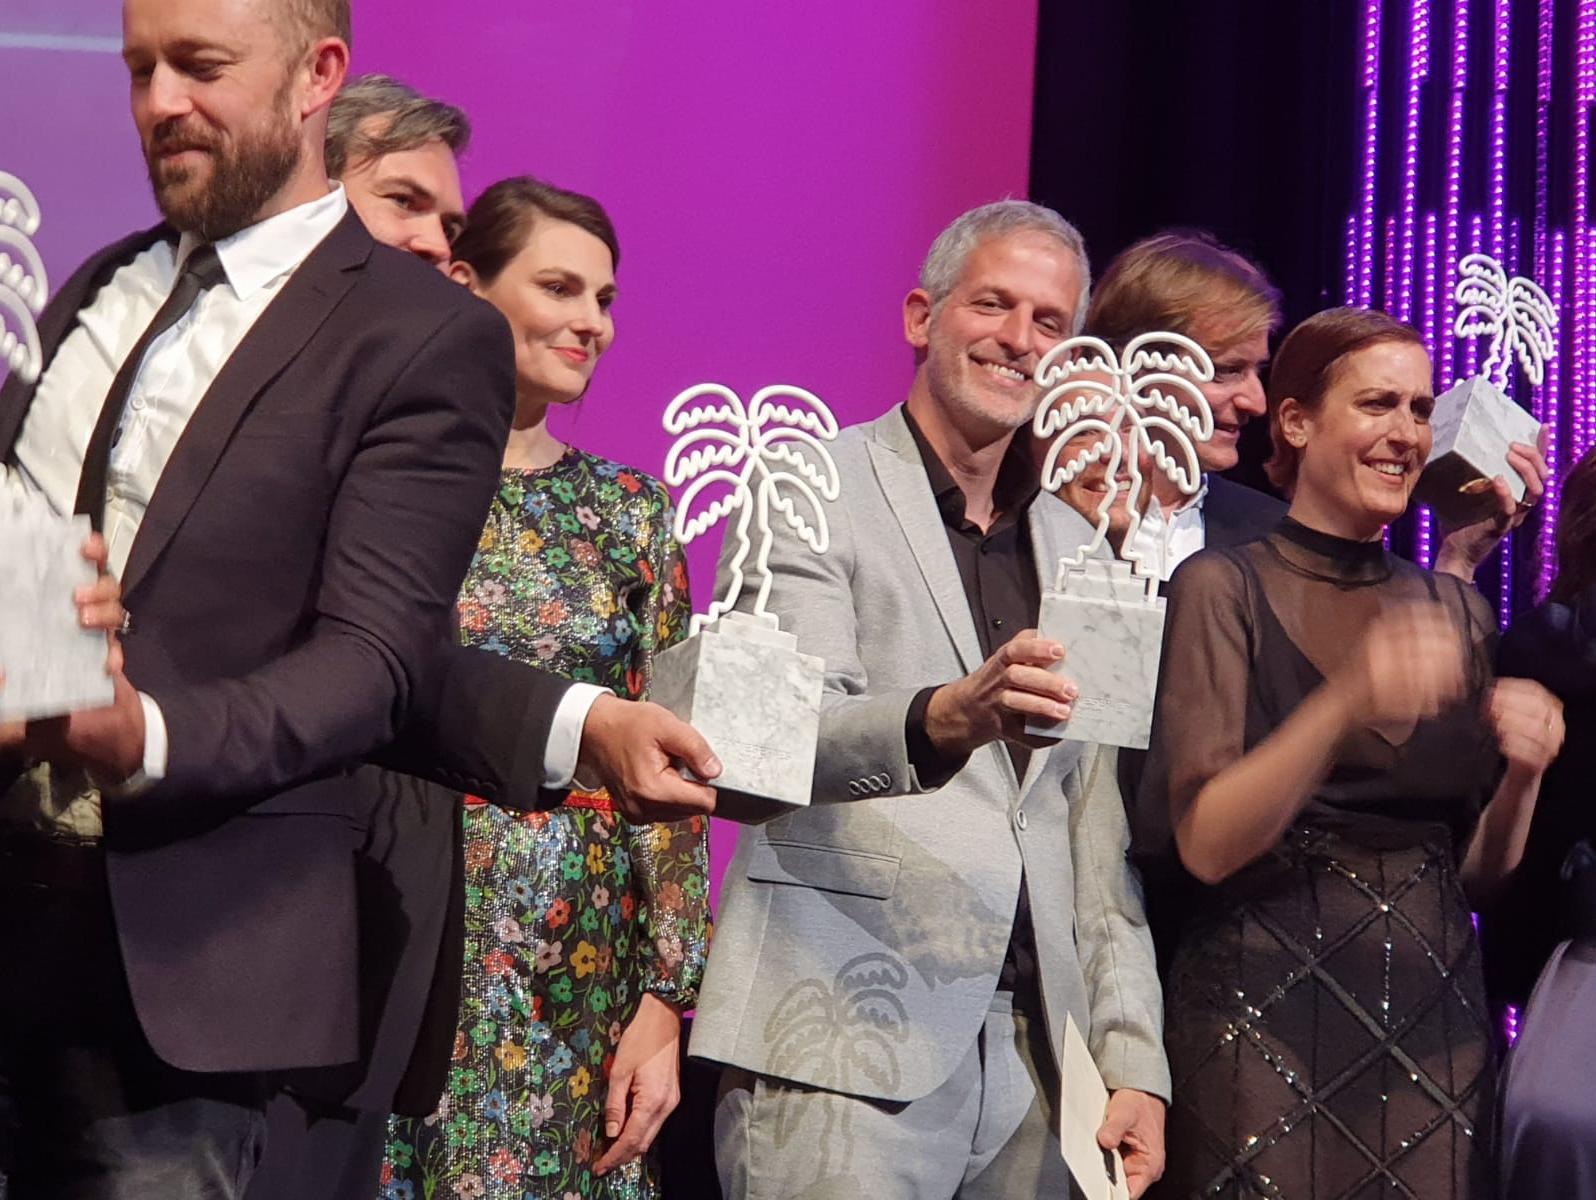 עוד הישג ישראלי: רשף לוי זכה בפרס המשחק בפסטיבל CannesSeries